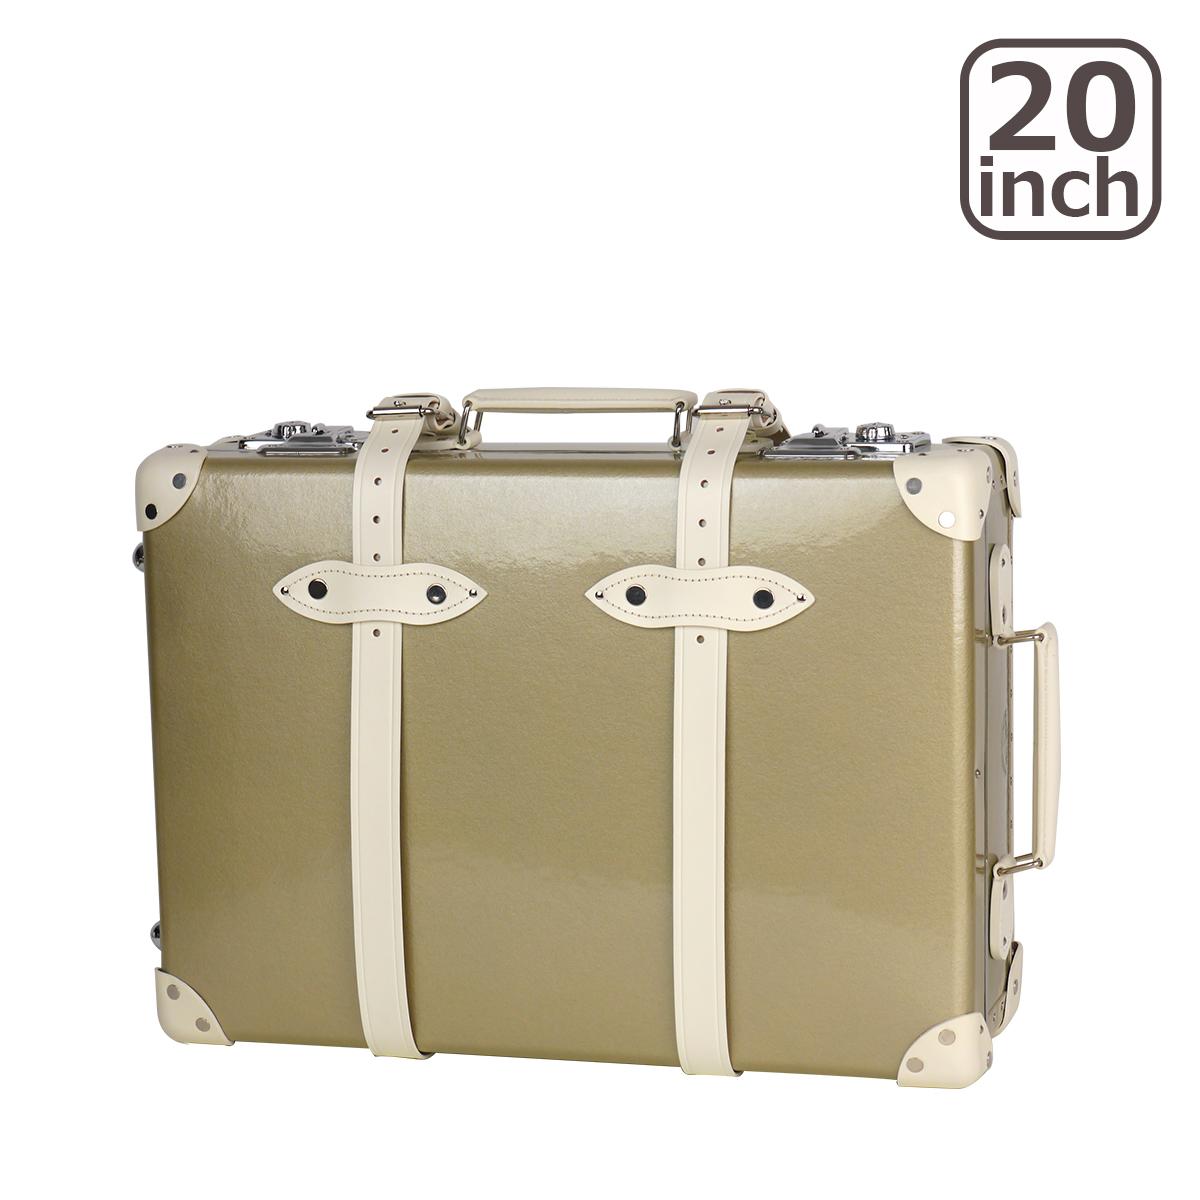 グローブトロッター ロワイヤル 20インチ CHAMPAGNE TROLLEY CASE スーツケース2輪 METALLIC GOLD & IVORY 北海道・沖縄は別途945円加算